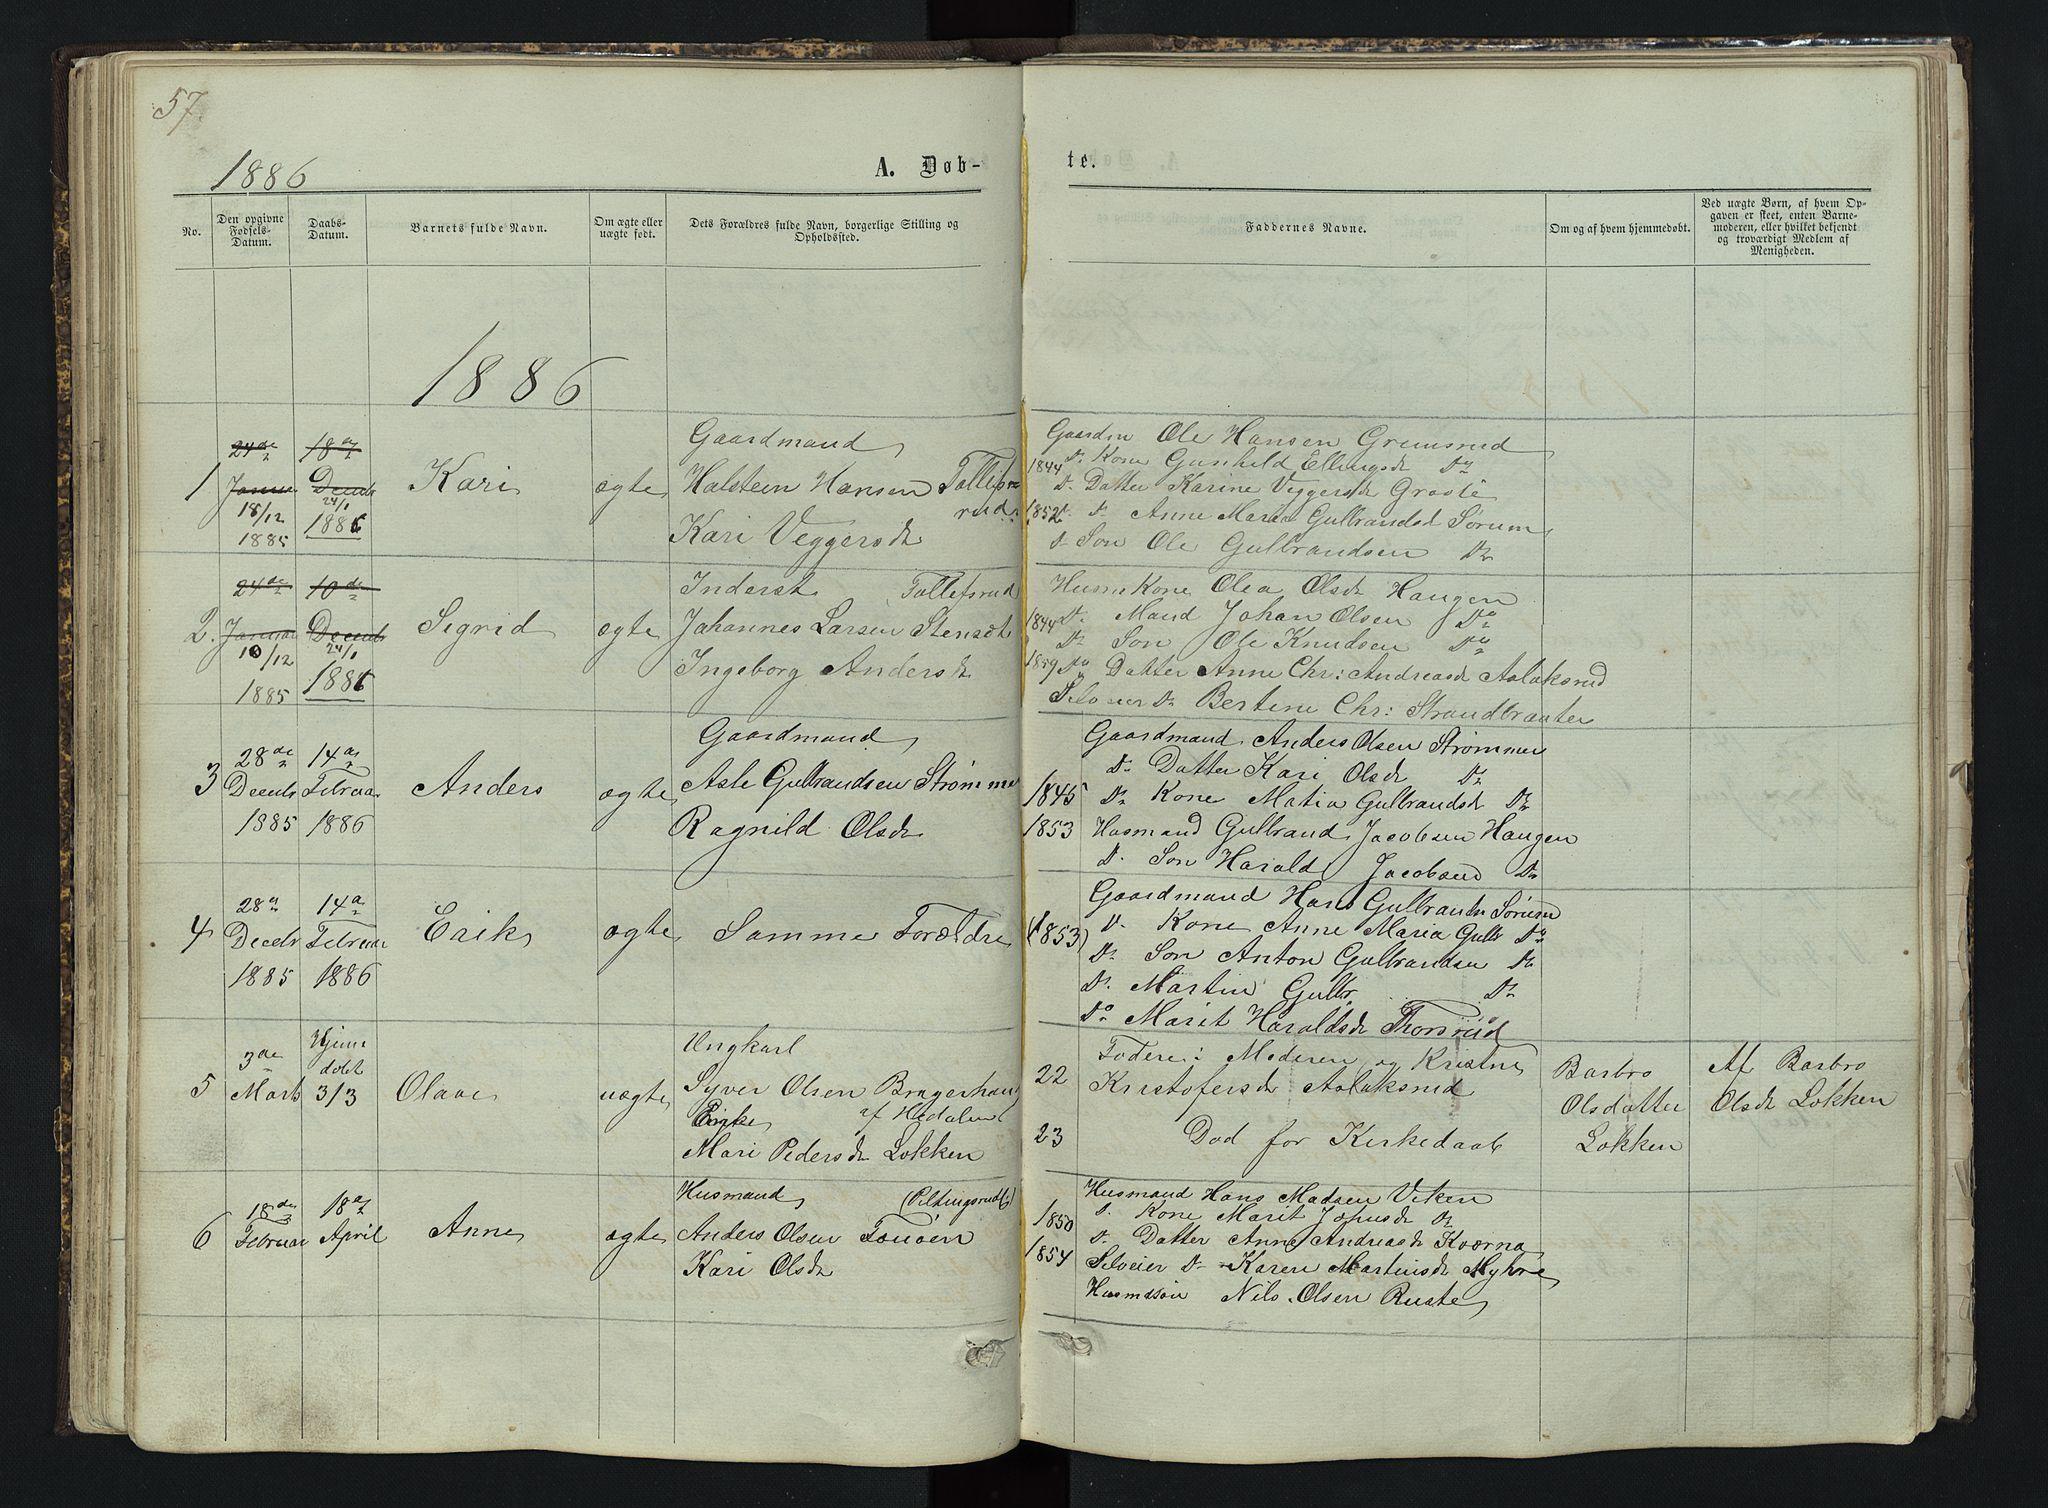 SAH, Sør-Aurdal prestekontor, Klokkerbok nr. 3, 1862-1893, s. 57